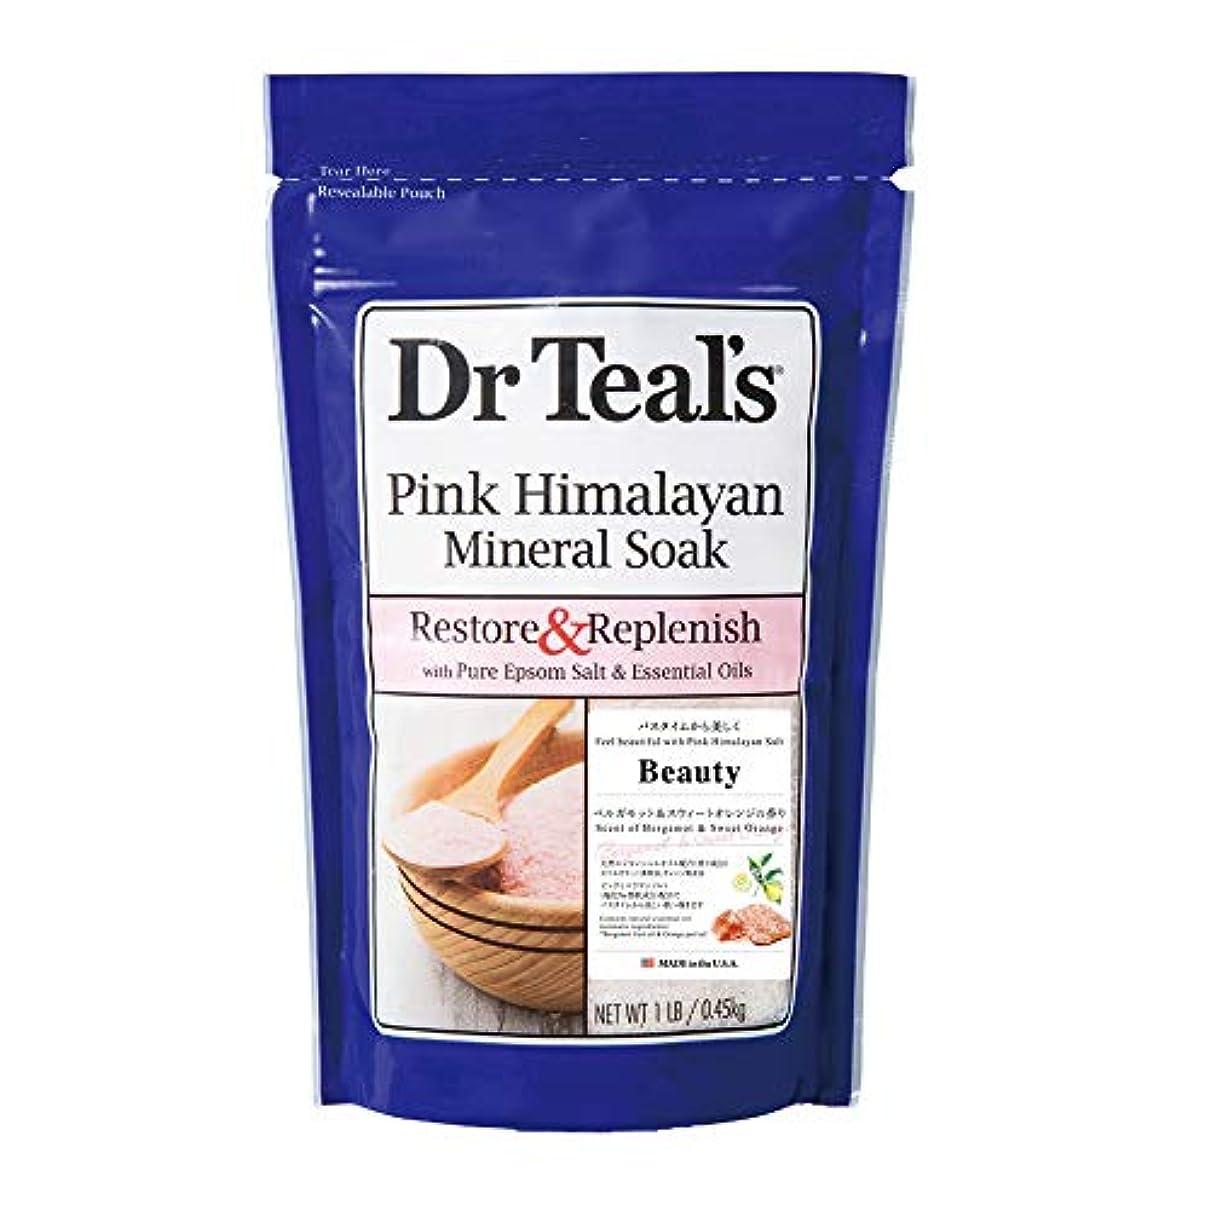 一族補う見えるDr Teal's(ティールズ) フレグランスエプソムソルト ピンクヒマラヤンソルト 入浴剤 ベルガモット&オレンジ 453g